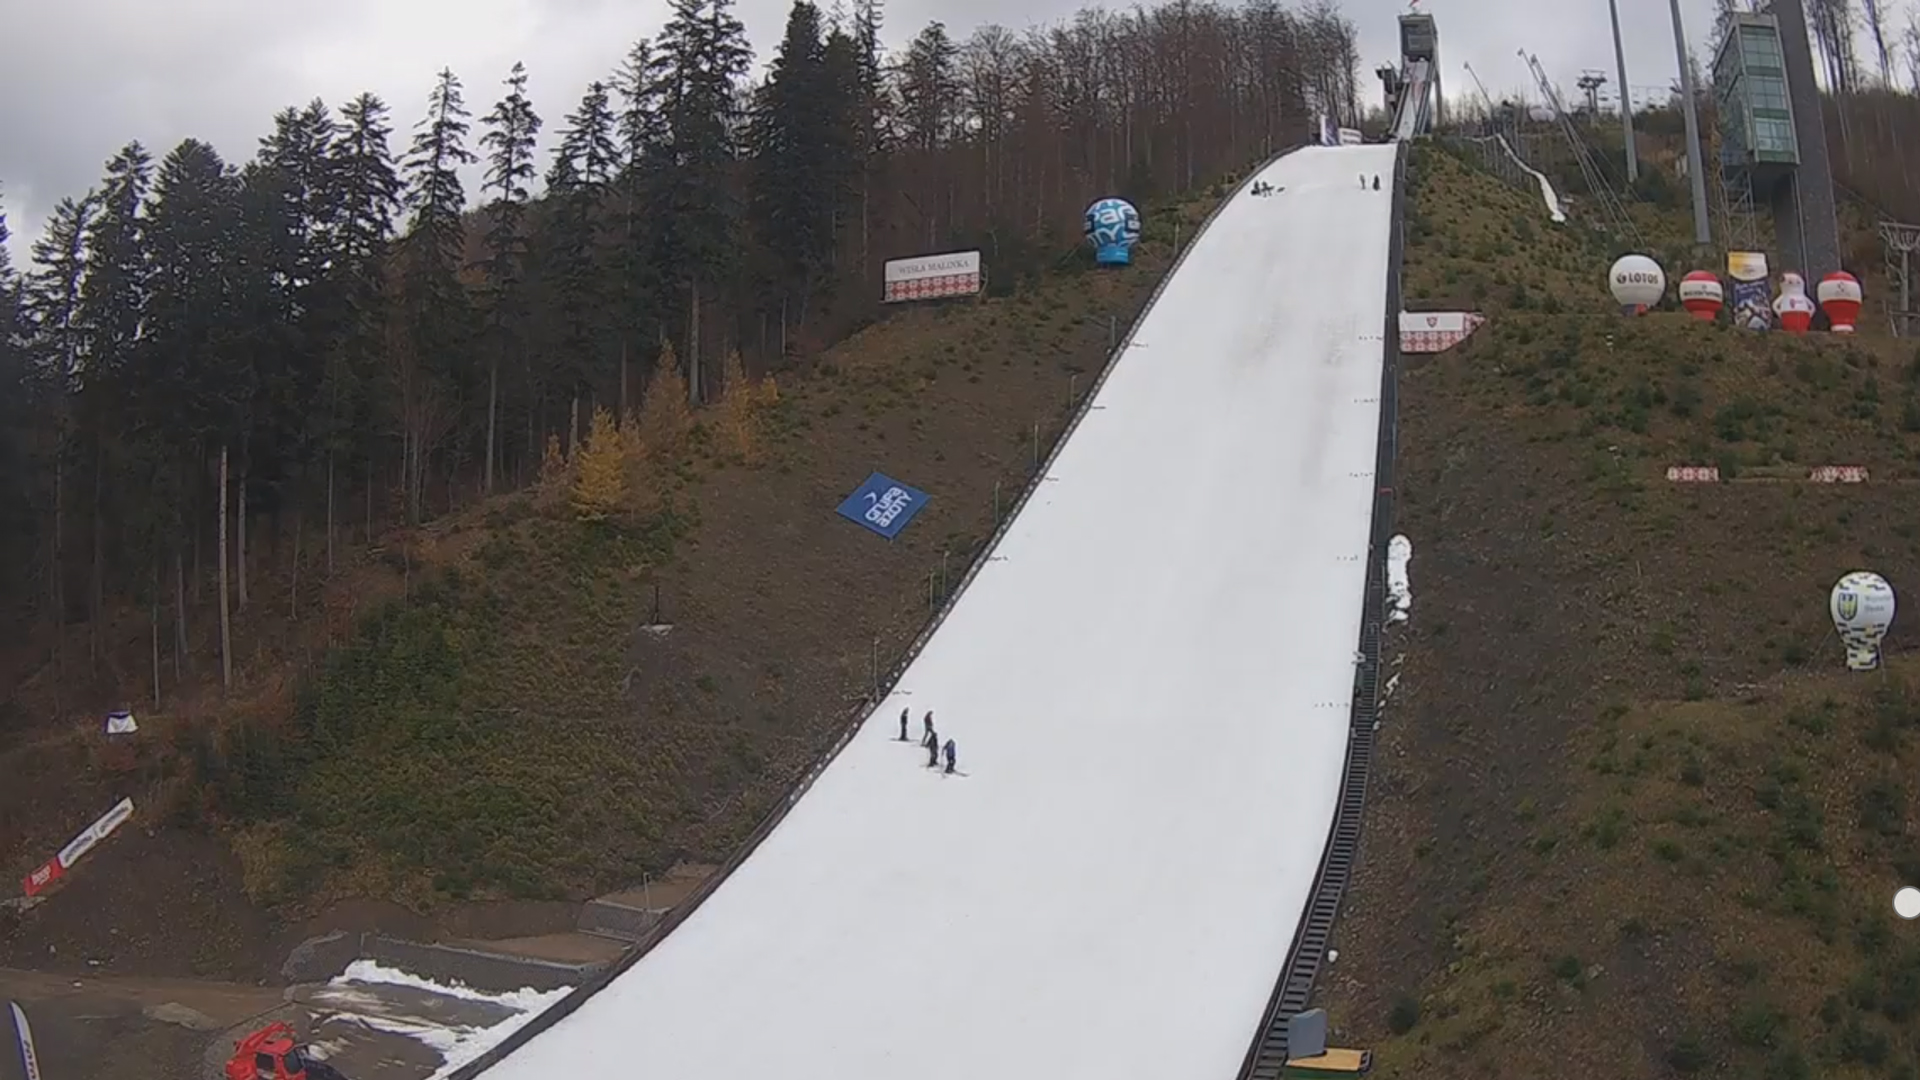 W sobotę inauguracja skoków narciarskich w Wiśle